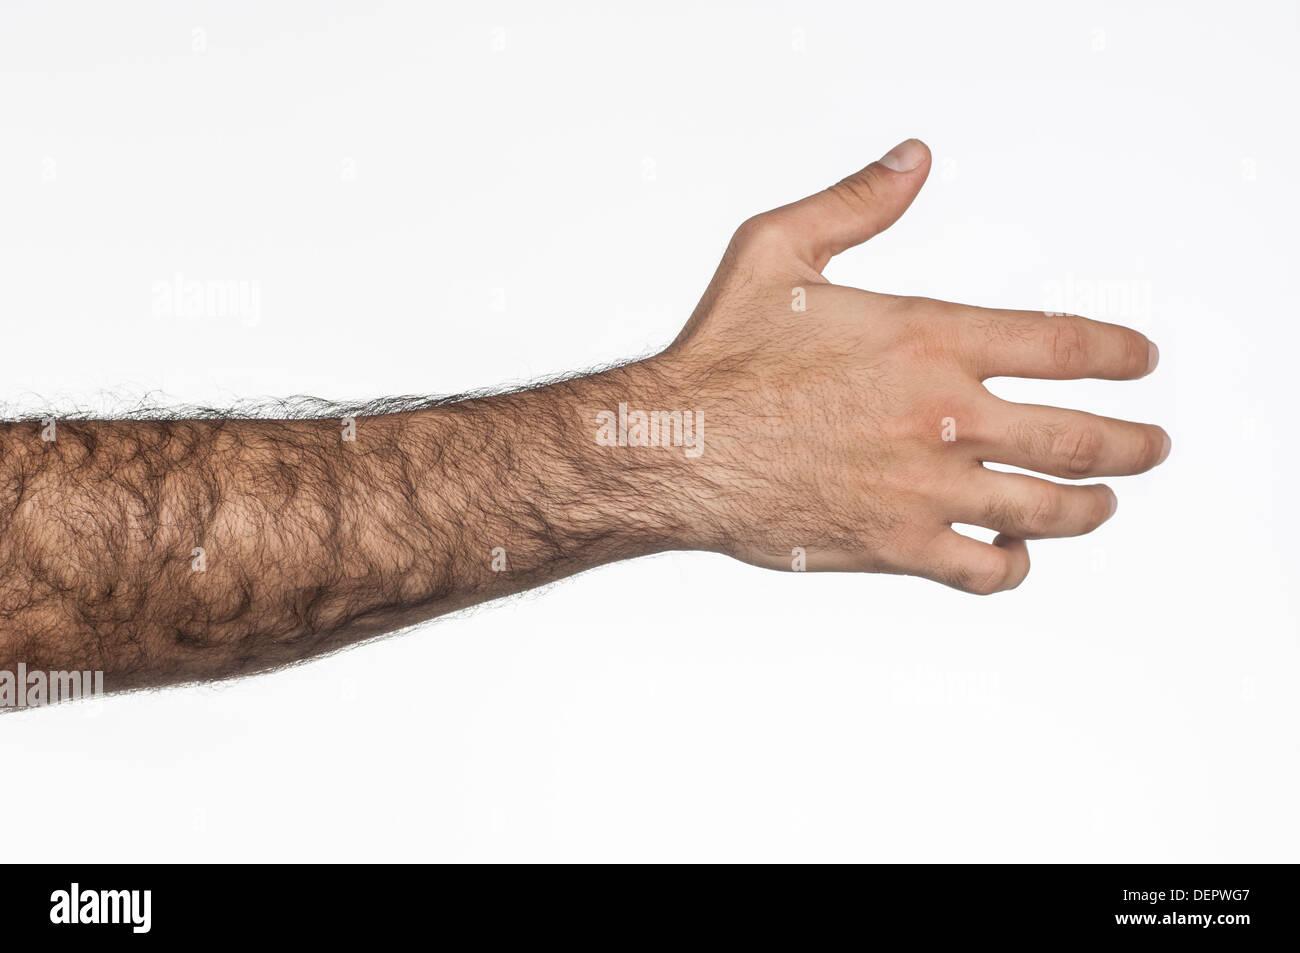 Armamento y Vestimenta: Guerreando en Calradia Mans-hairy-arm-DEPWG7